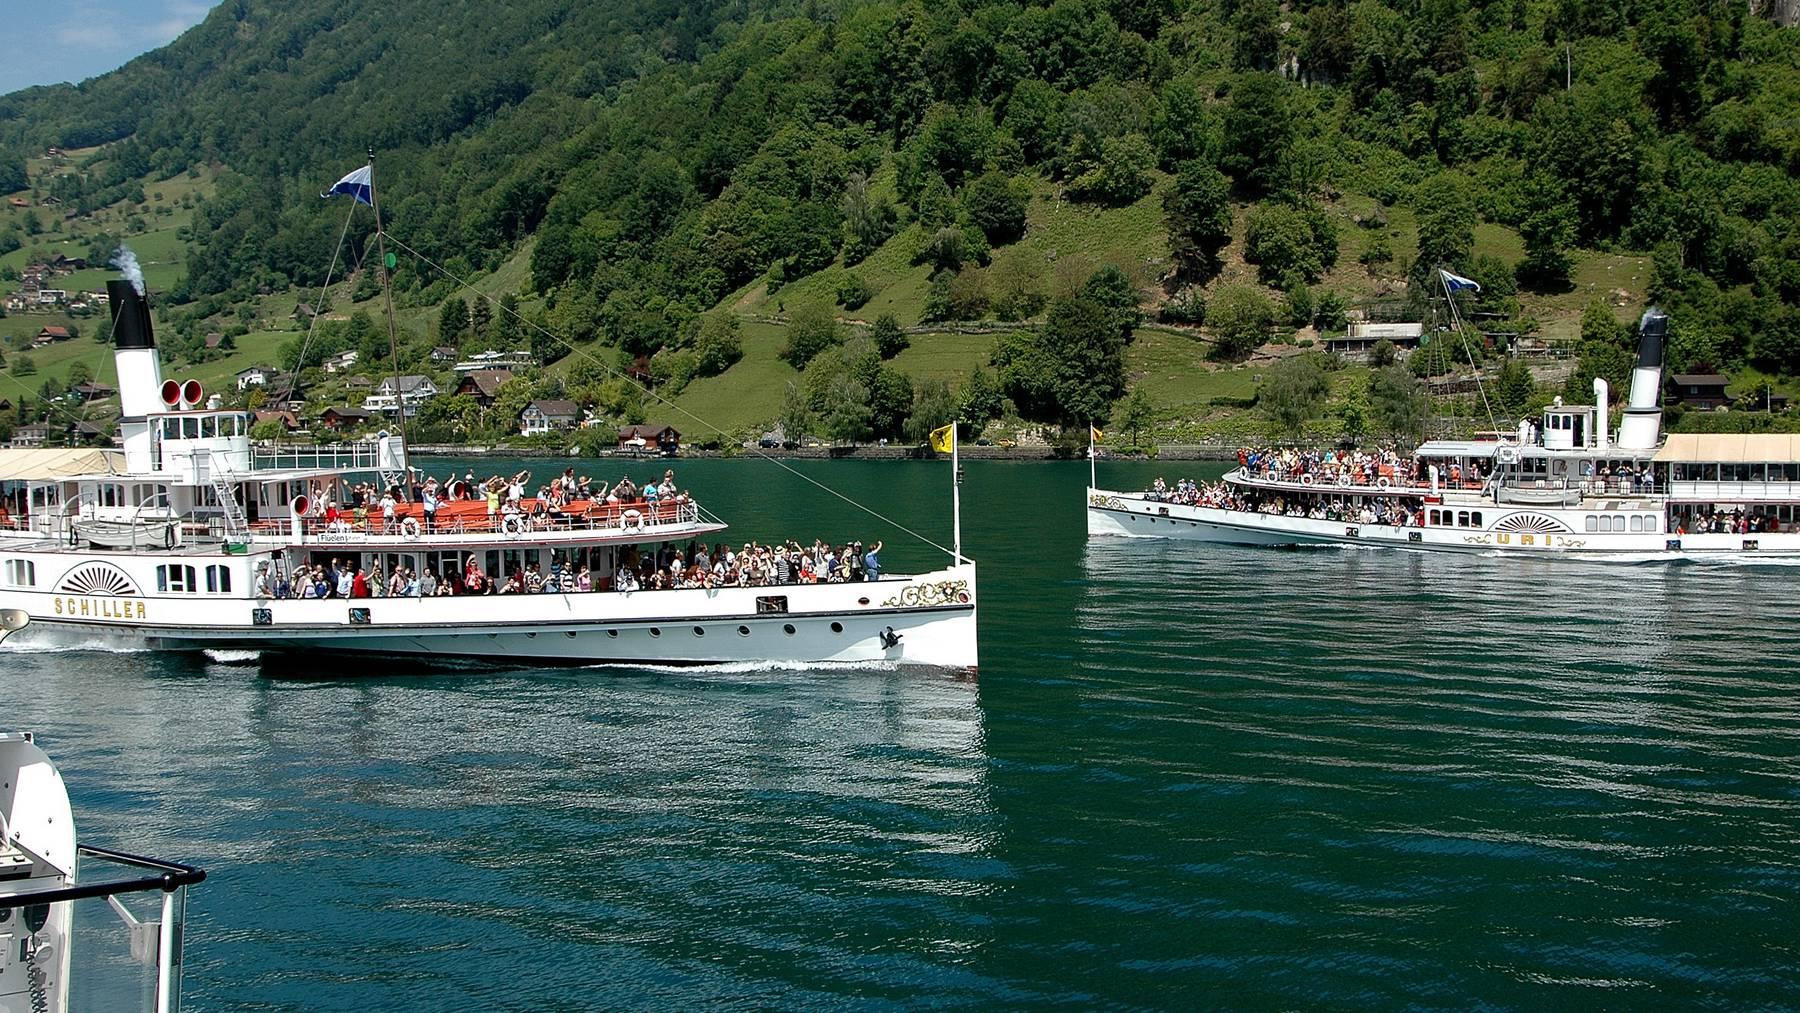 Freizeittip: Alpenwanderung Isenthal und Dampfersinfonie